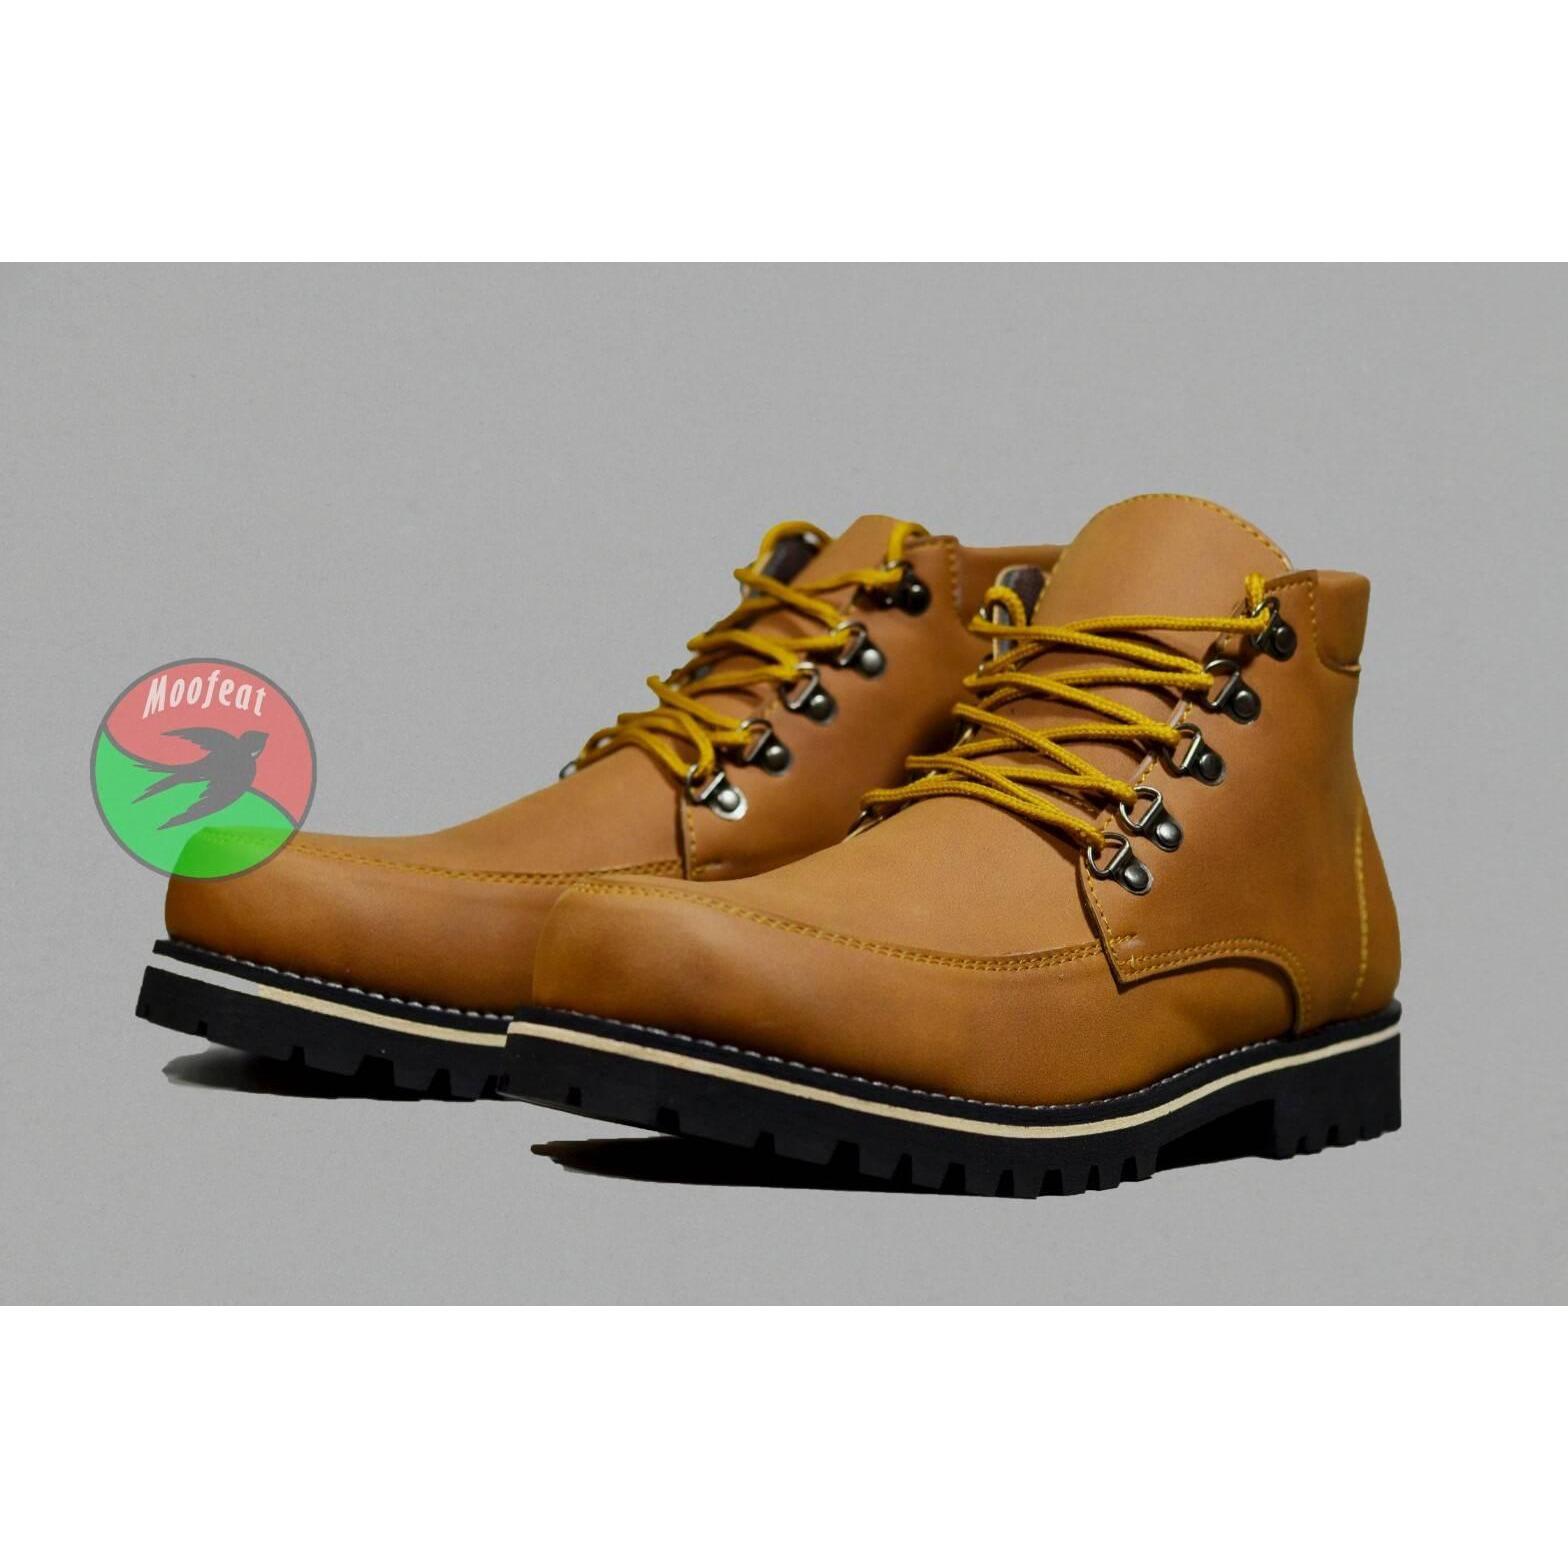 Cek Harga Baru Sepatu Moofeat Gibson Casual Boots Slip On Pria Kerja Lunnar Tan Formal Santai Original Handmade Hunting